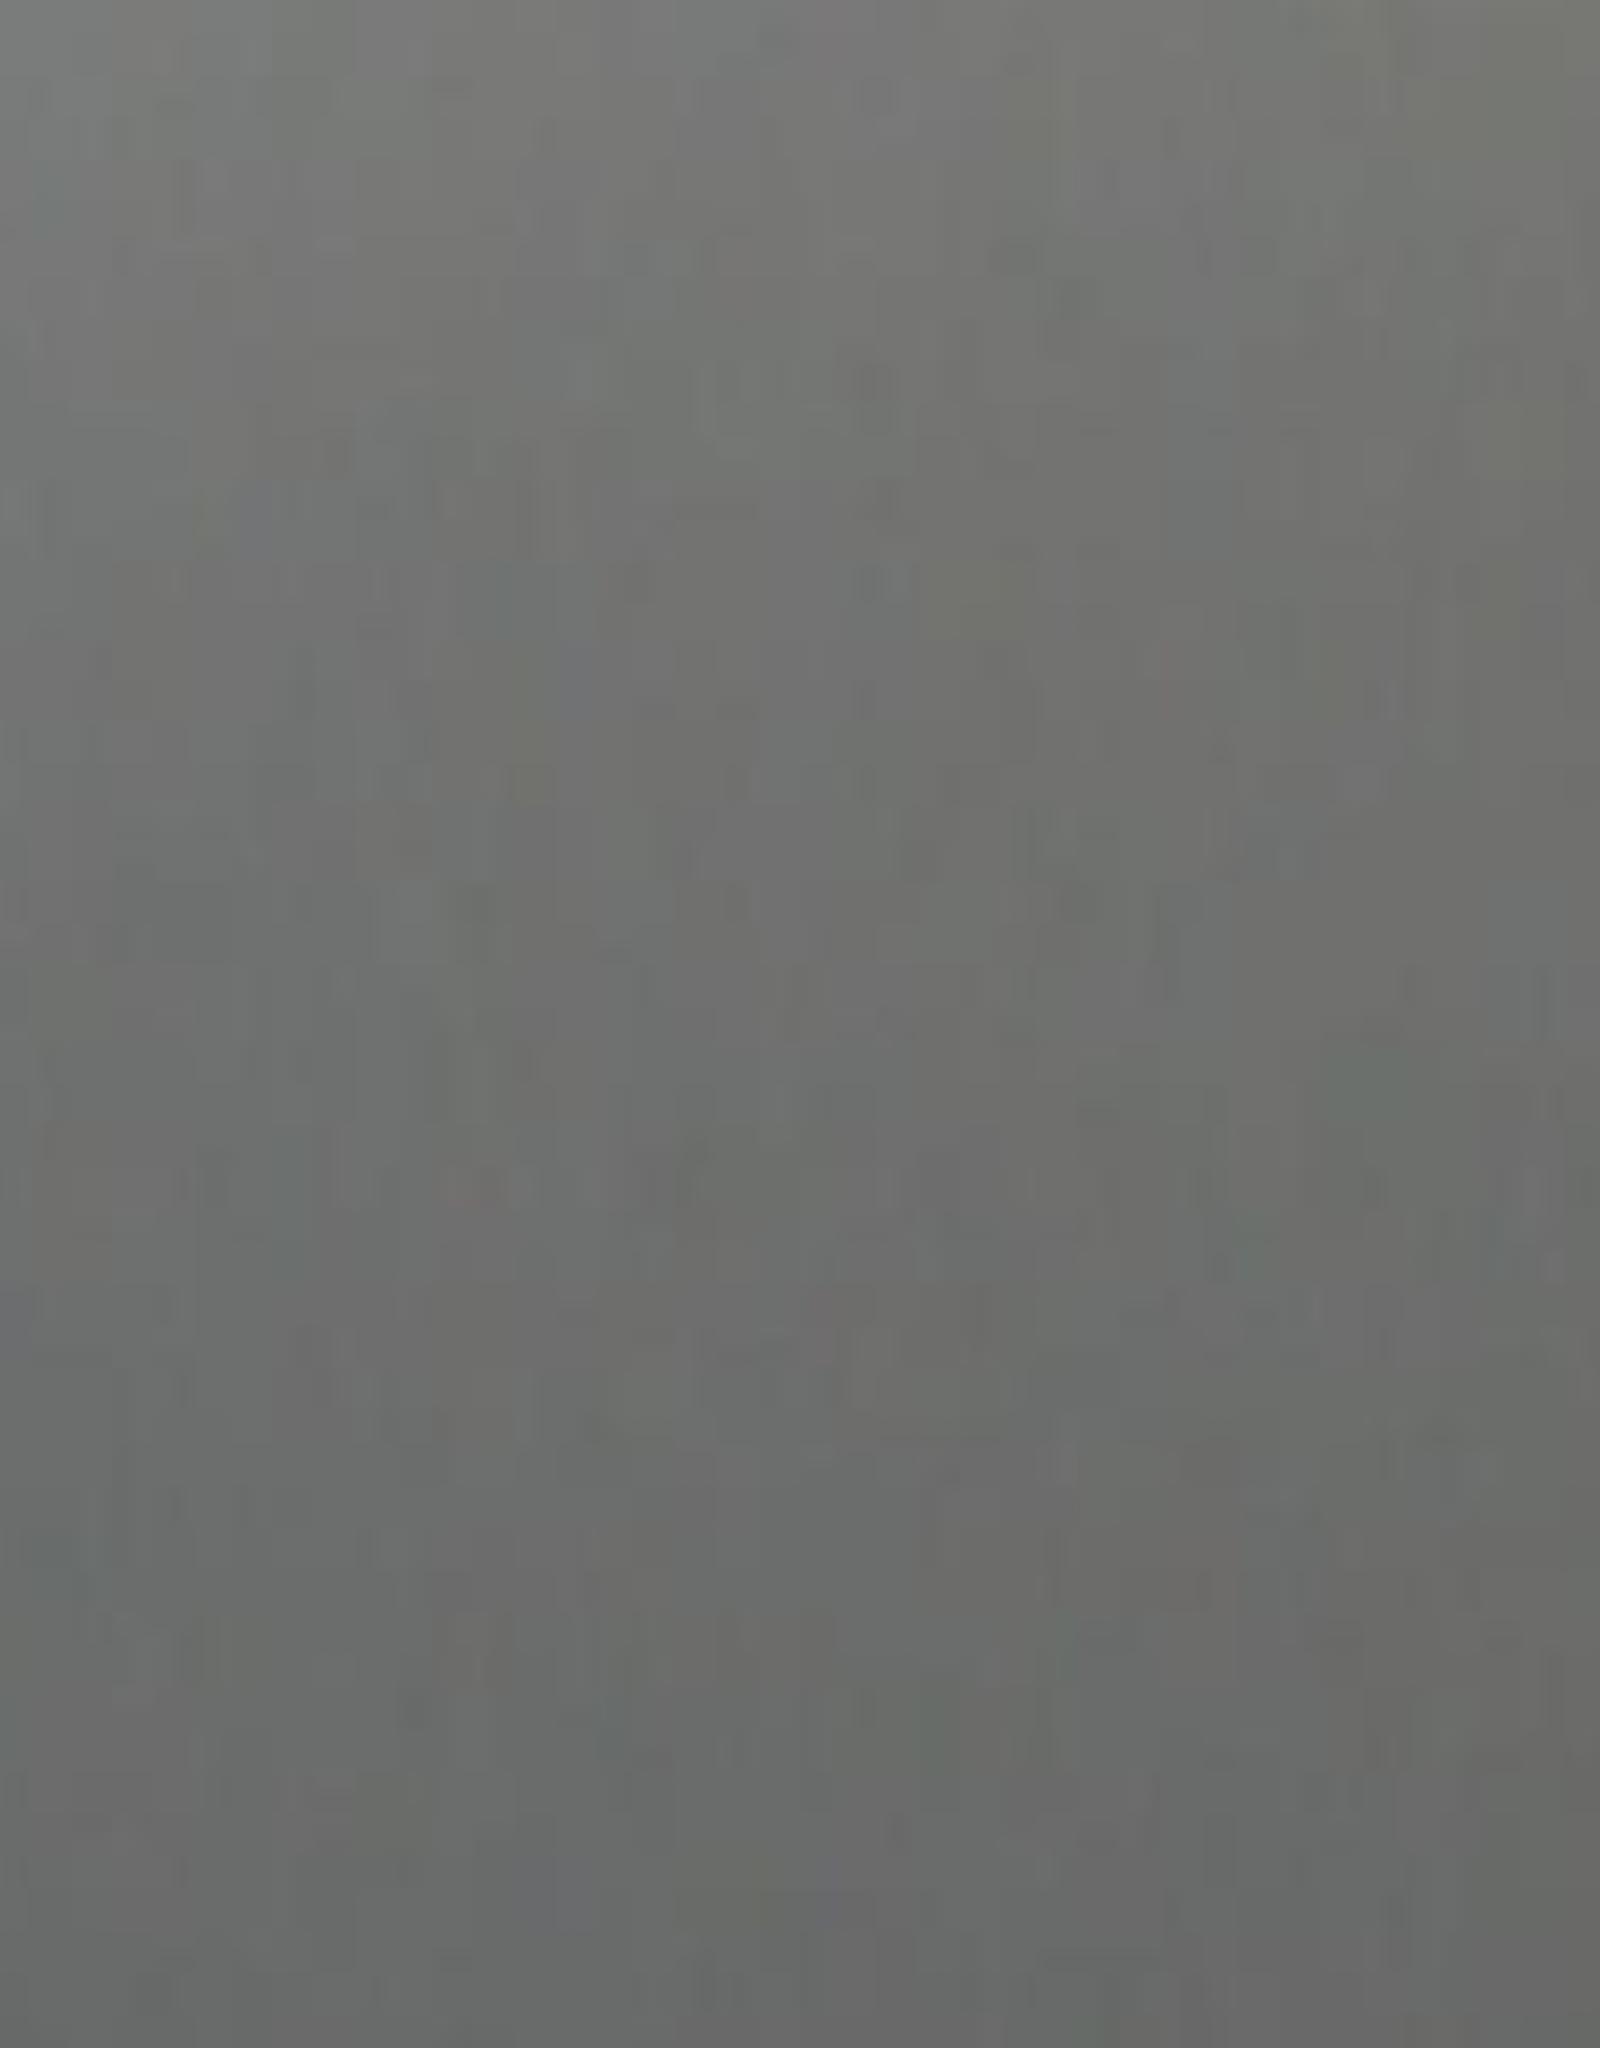 D'etoiles Casiopé Jurk soeur gris